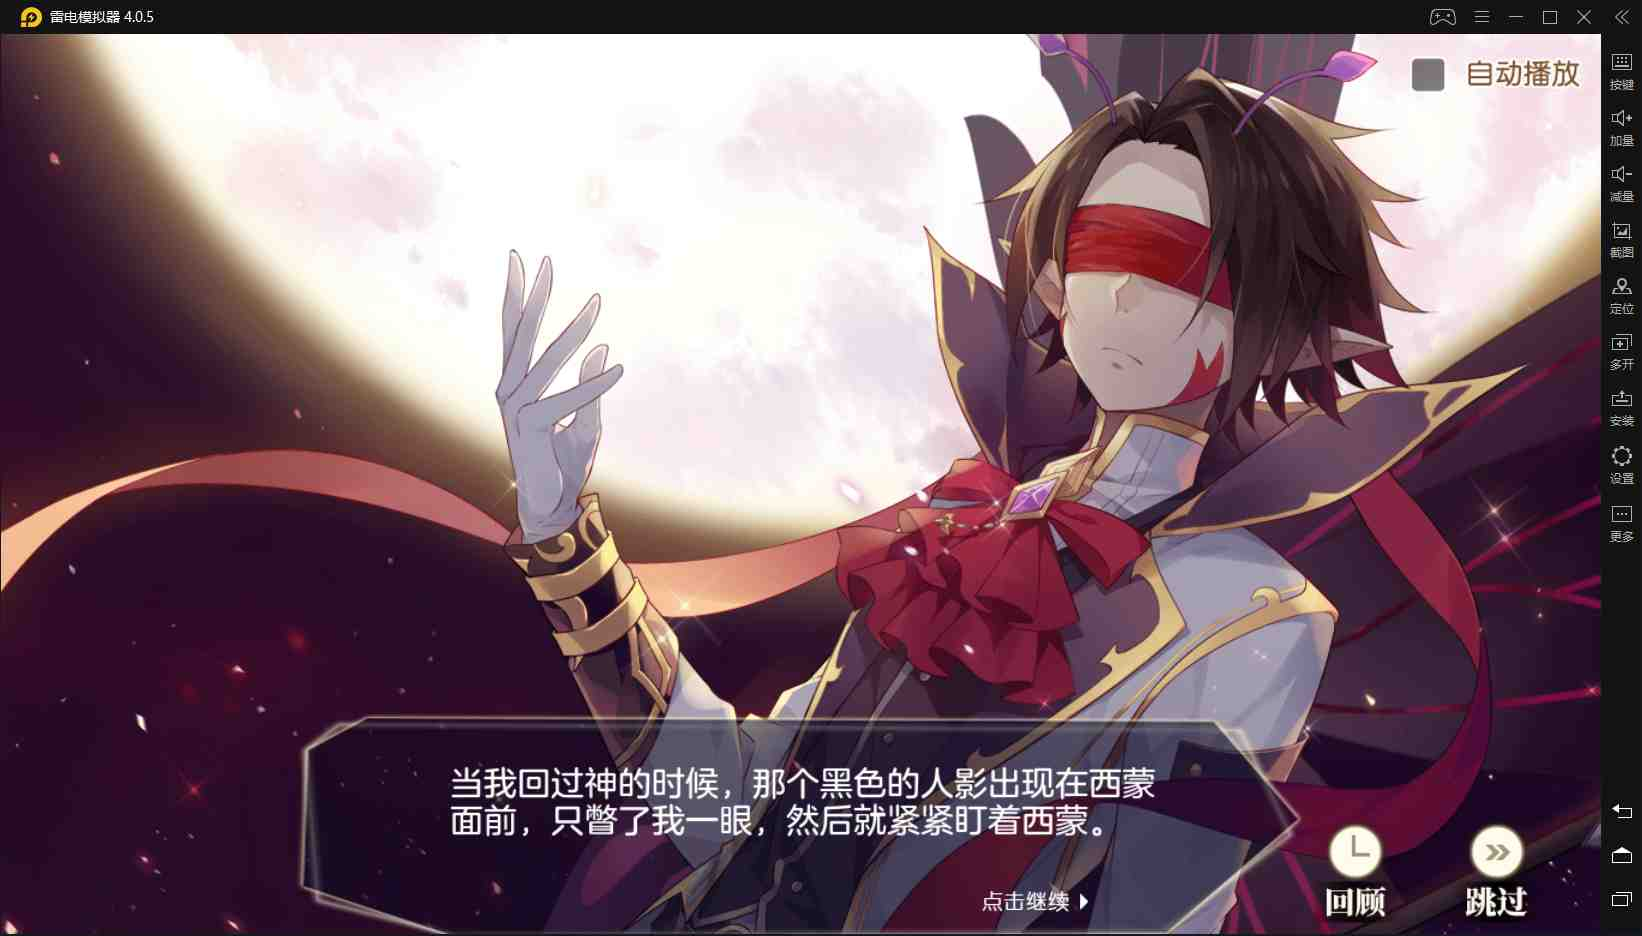 【Rai醬一周新游】《Re:Zero INFINITY》正式公測 《葫蘆兄弟》追憶童年